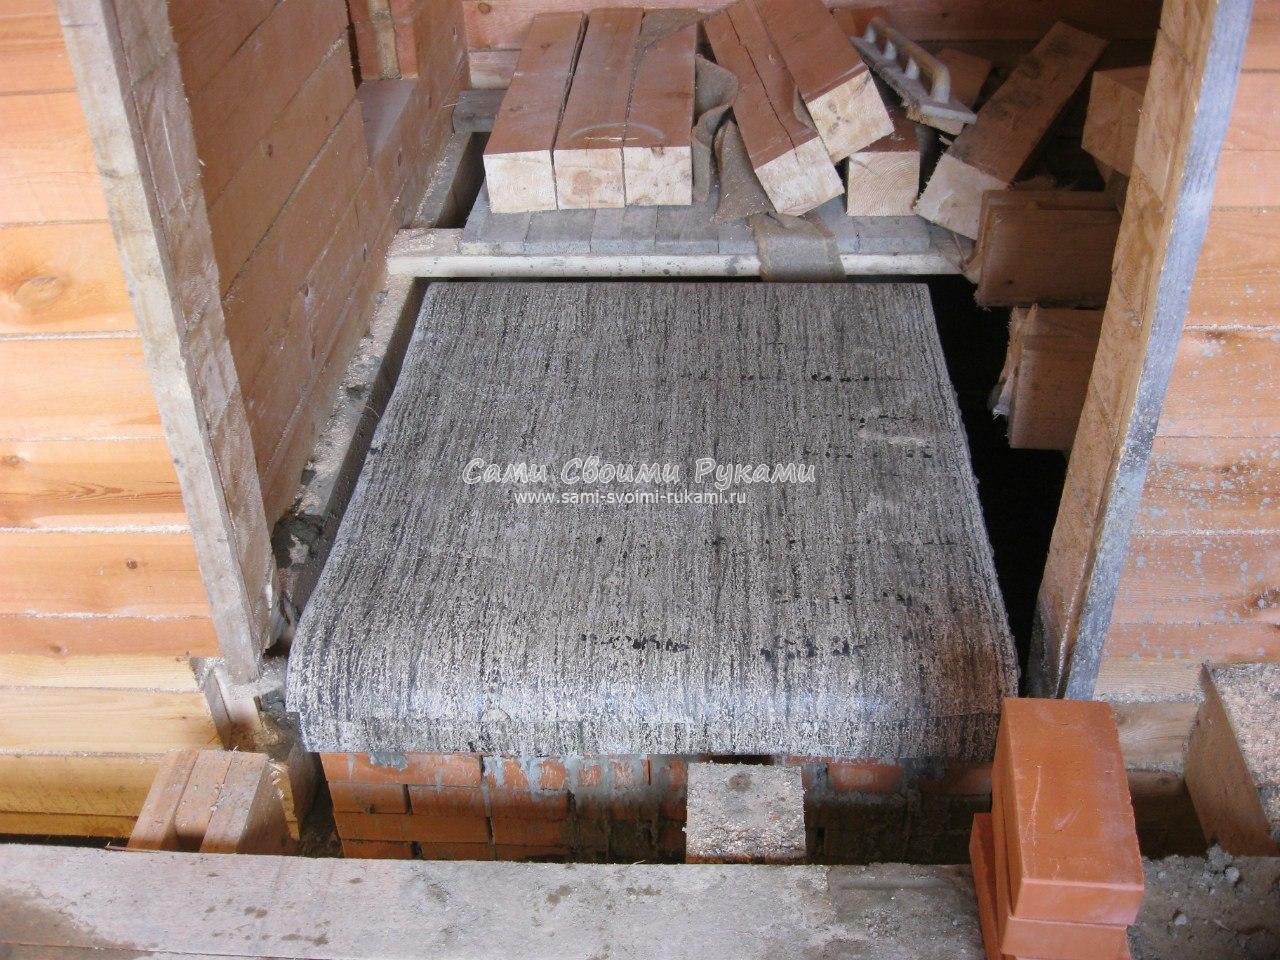 Установка печи в бане на деревянный пол - пошаговая инструкция! 25